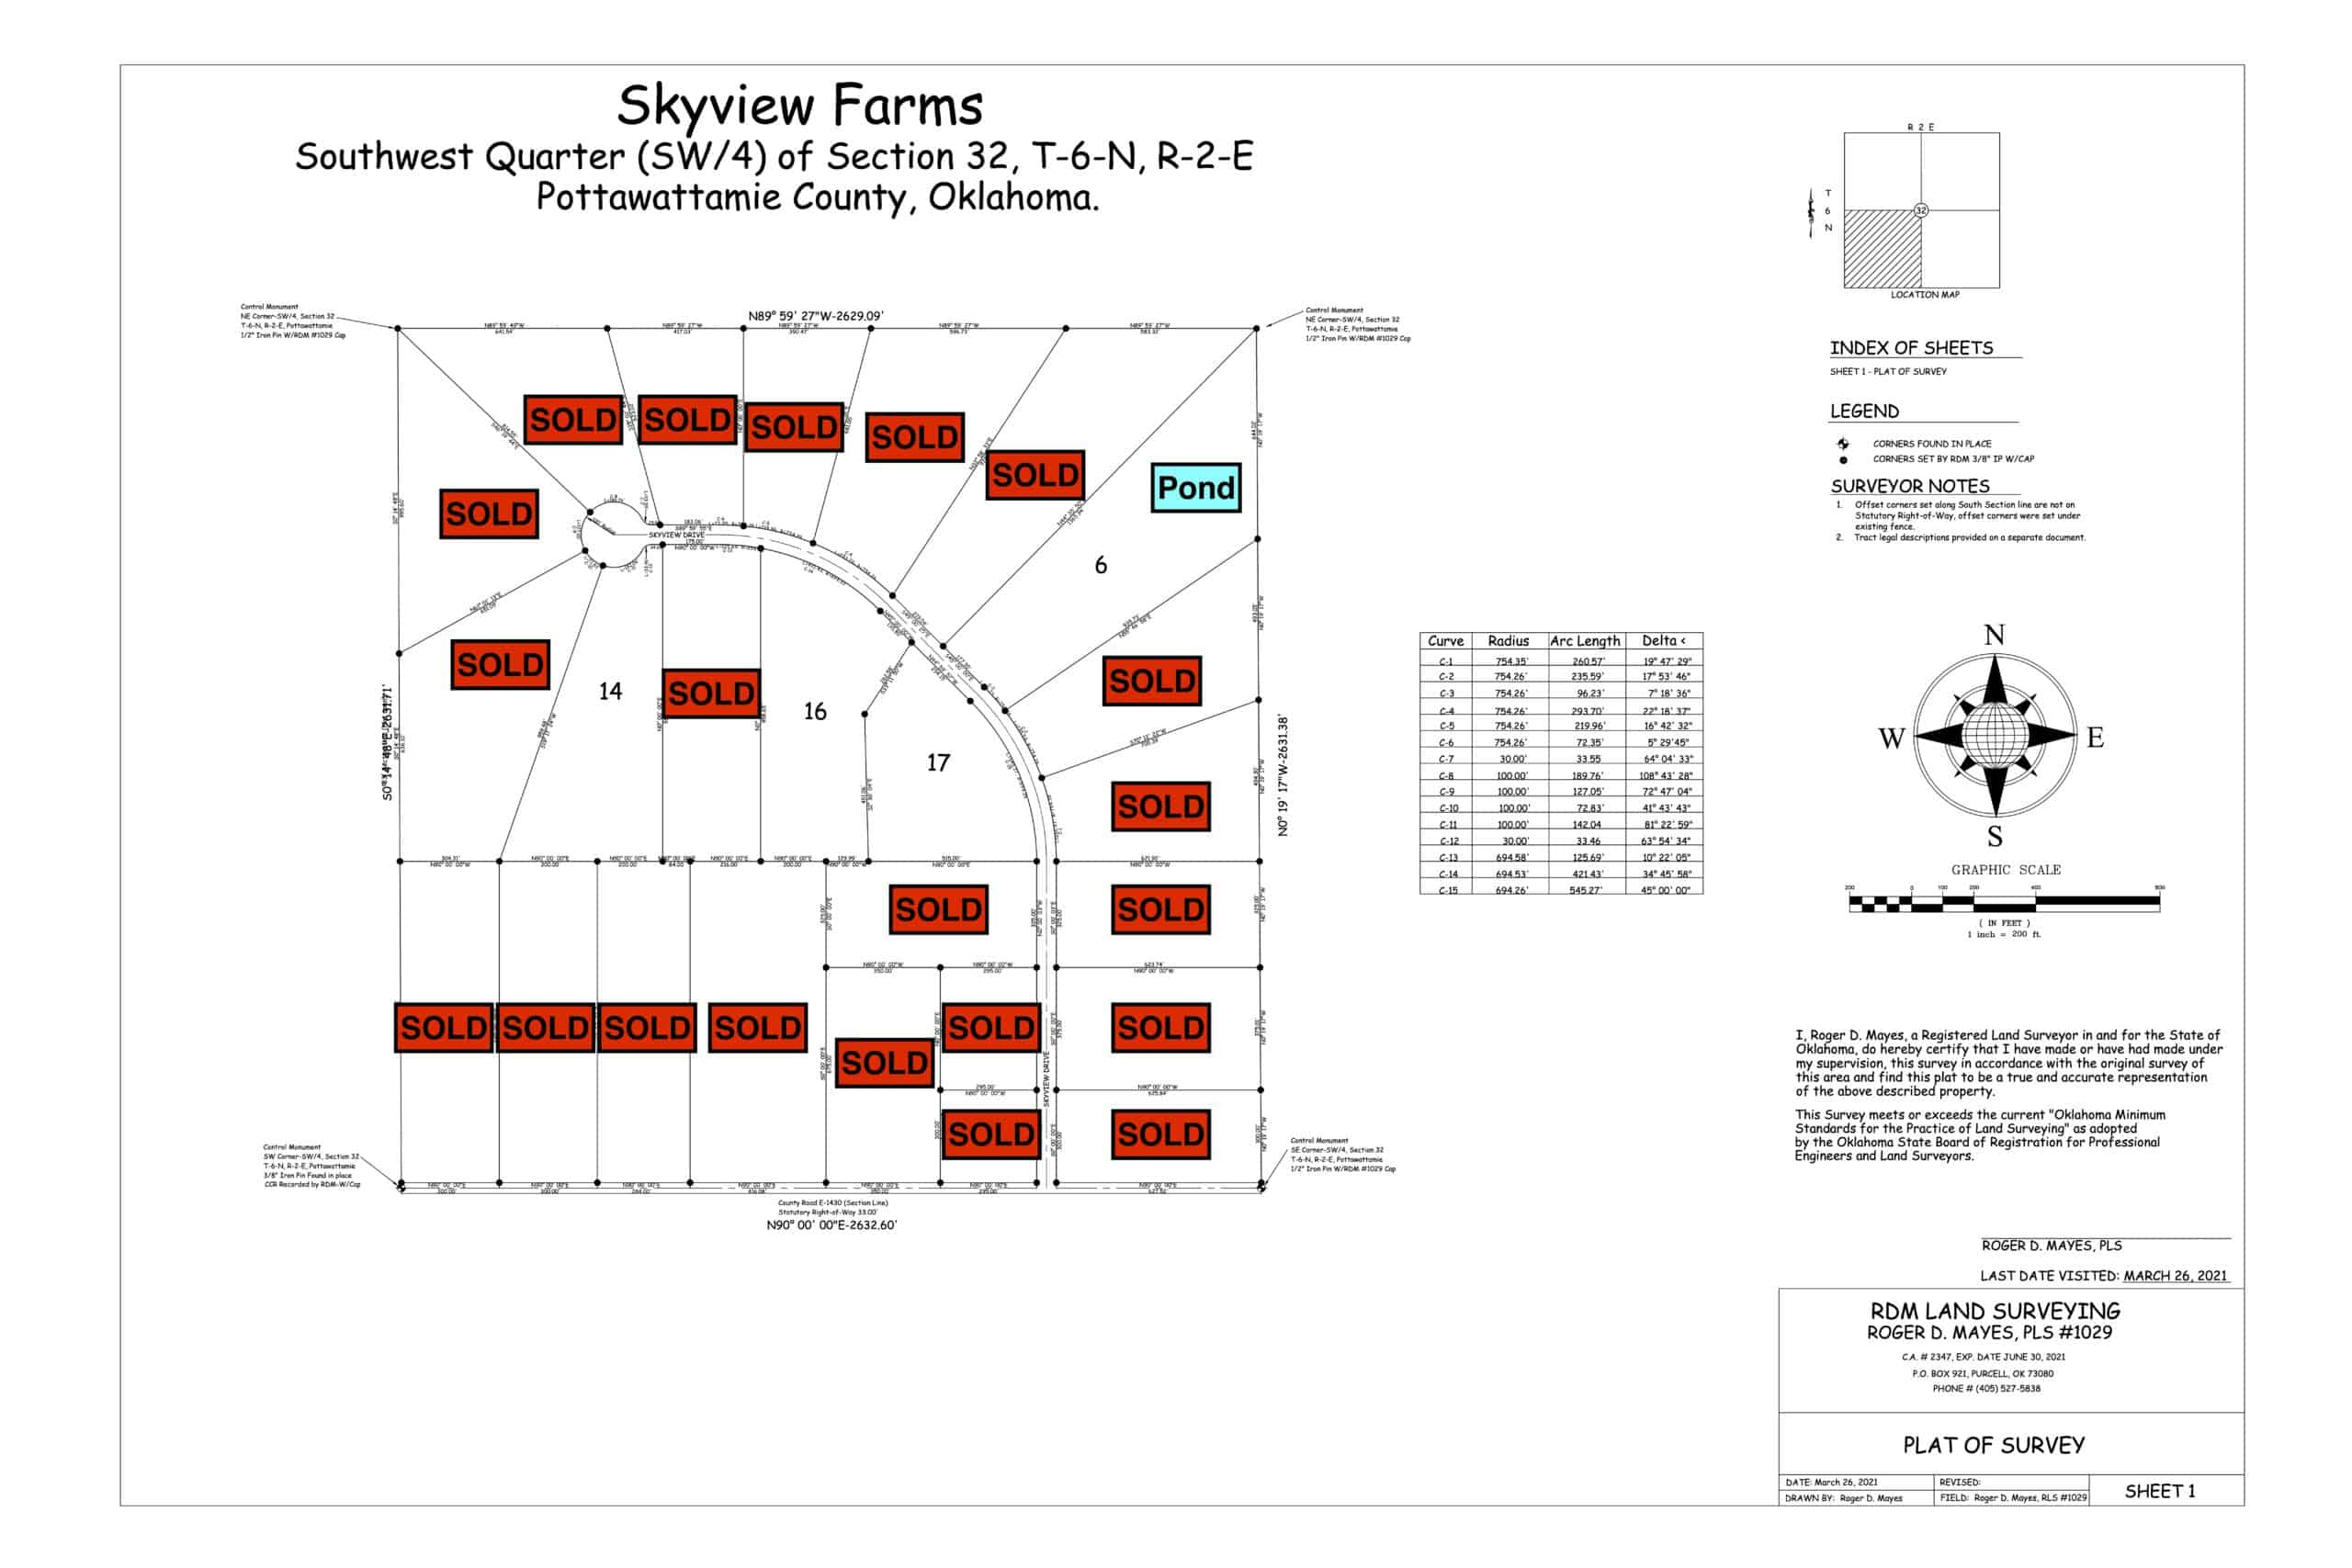 Skyview Farms Plat